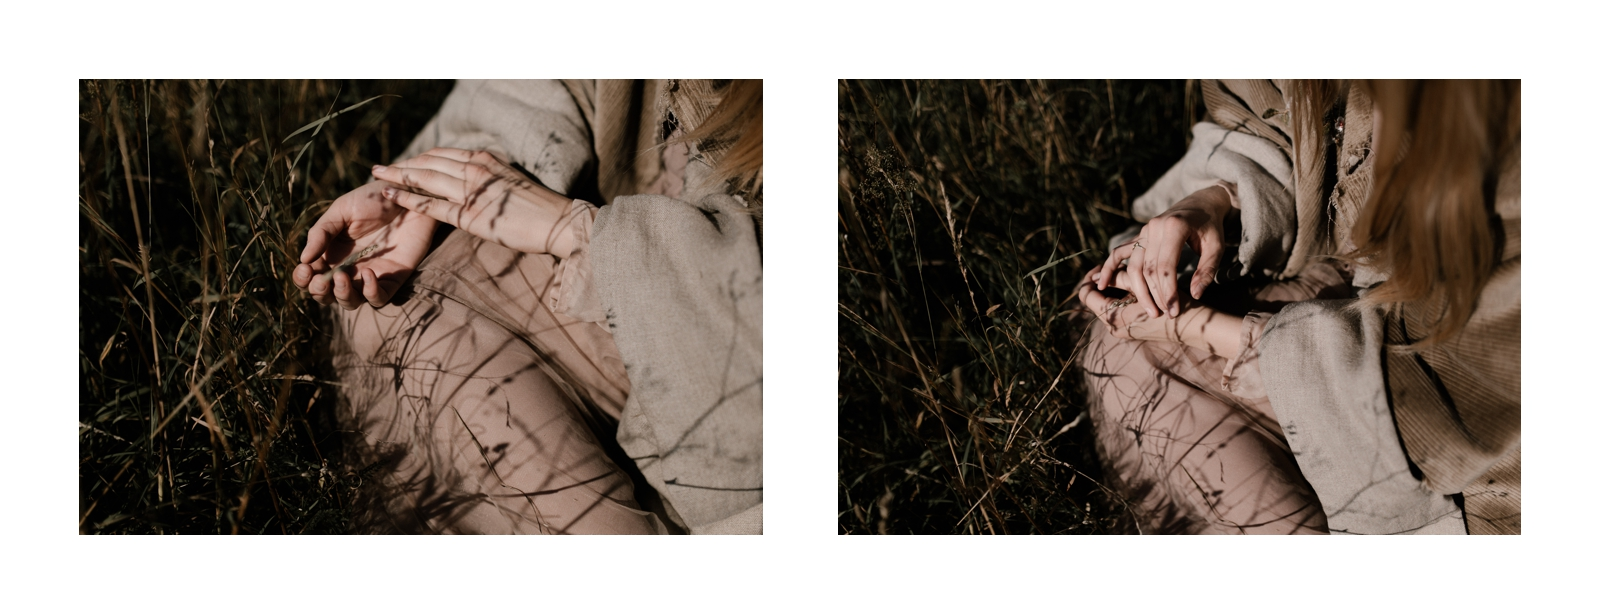 self-love-158.jpg